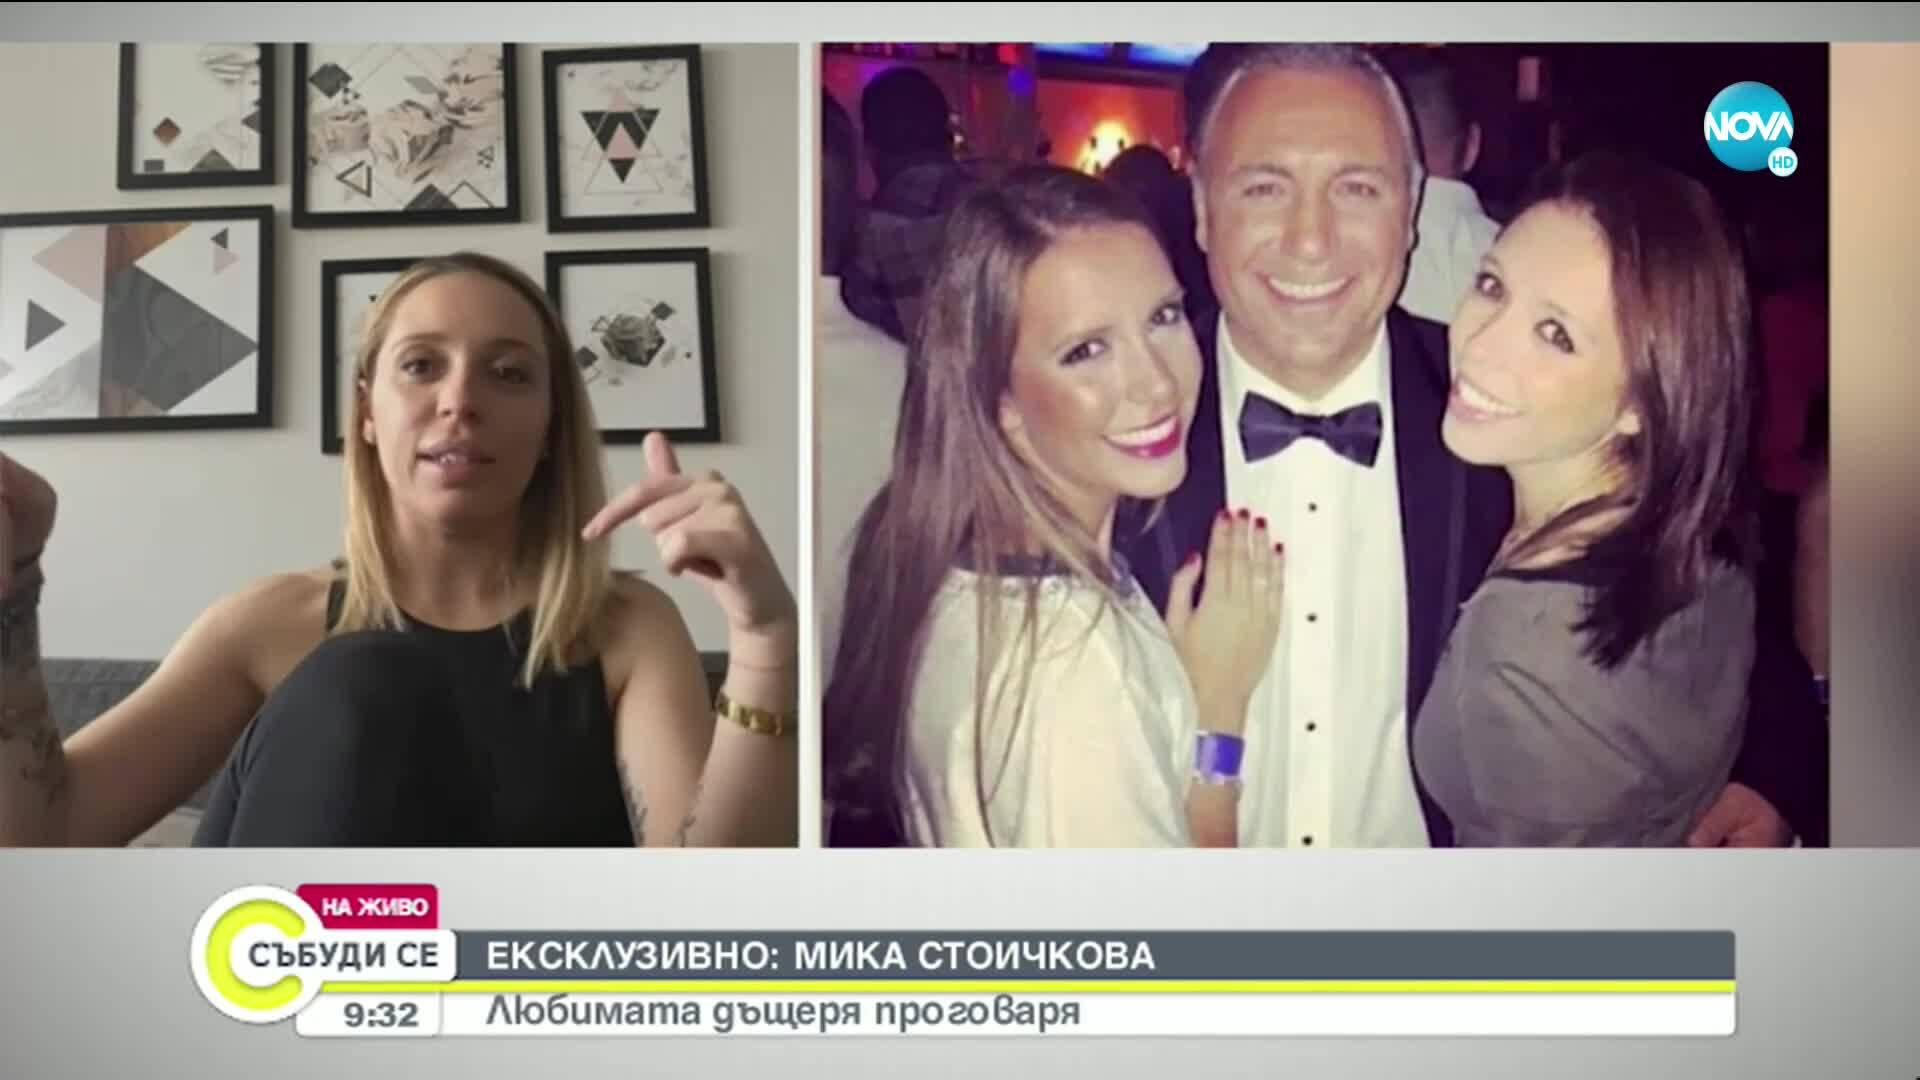 Говори дъщерята на Христо Стоичков